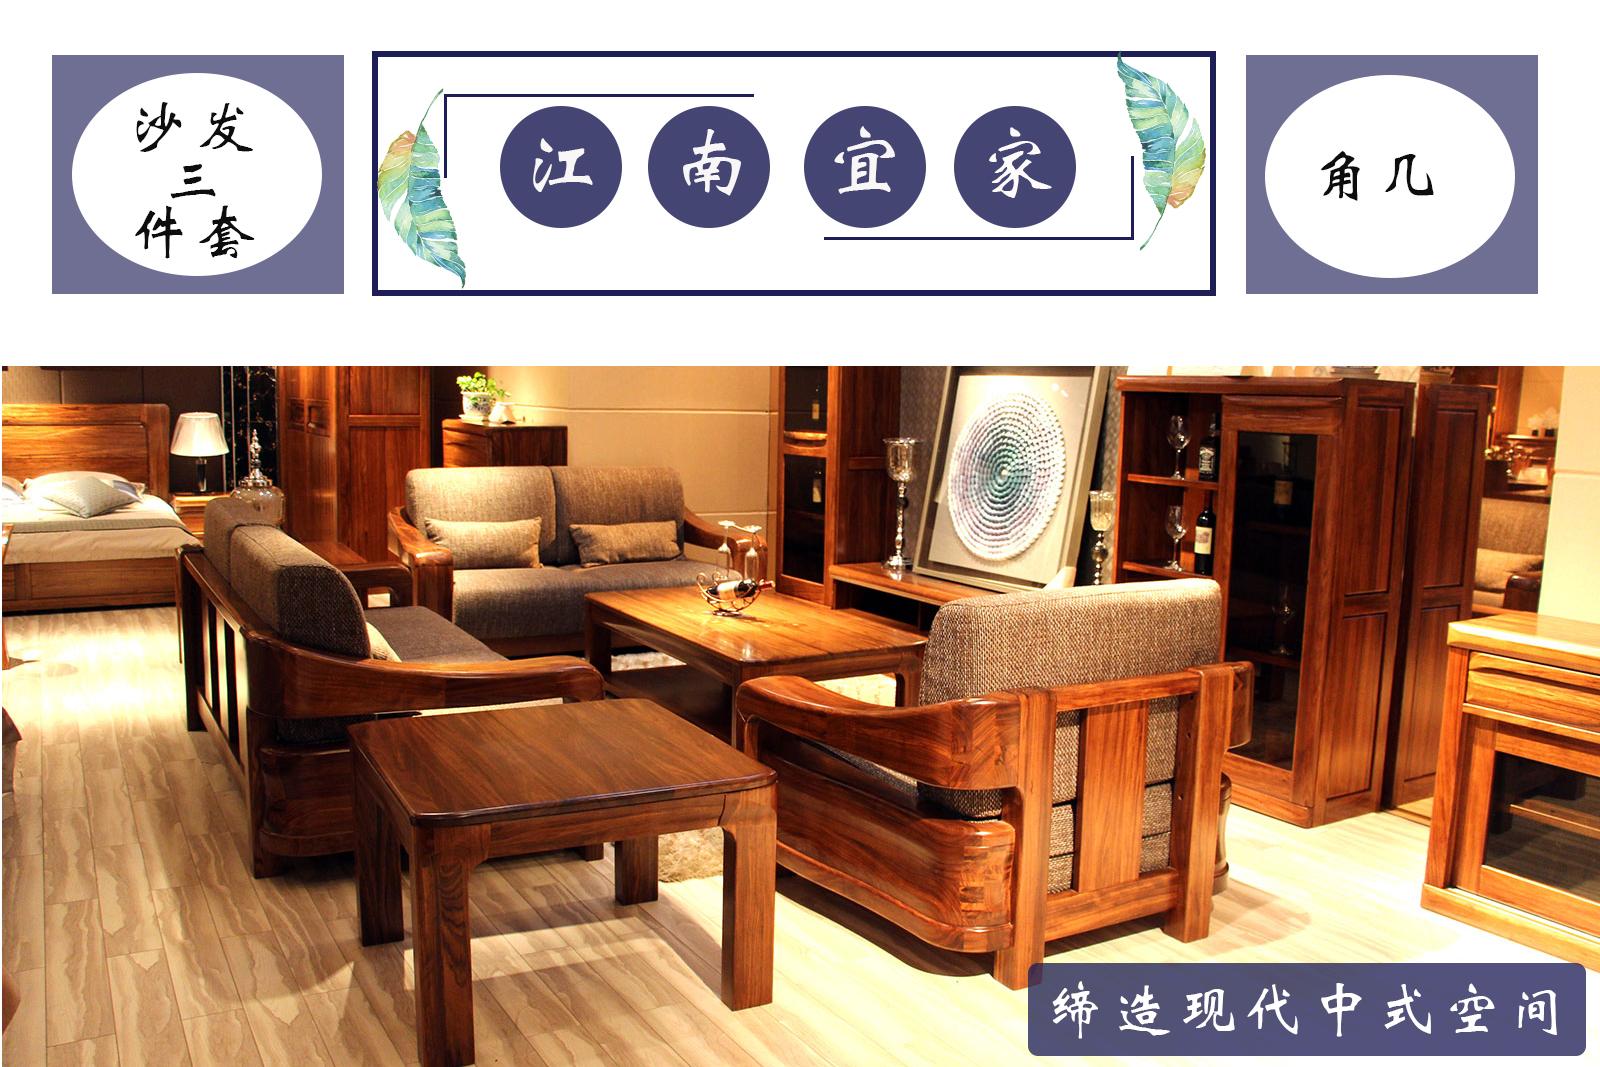 江南宜家将传统纳入当代语境打造新家具